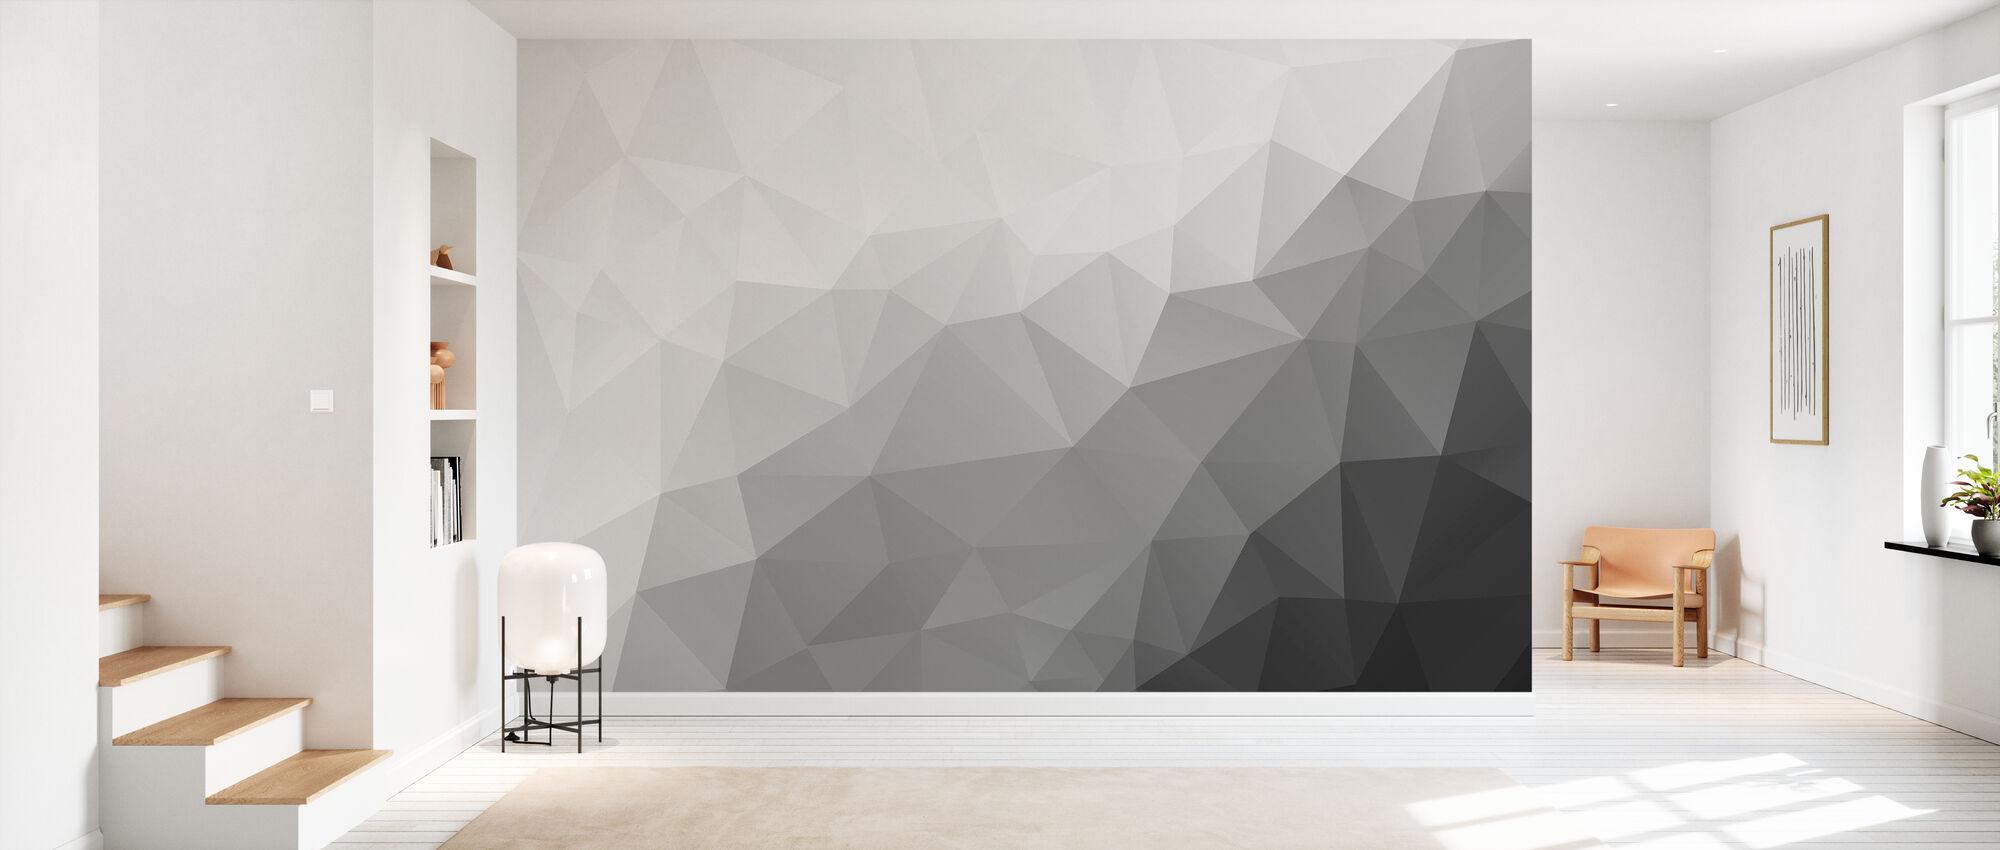 Polygonal Grey Shades 2 - Wallpaper - Hallway